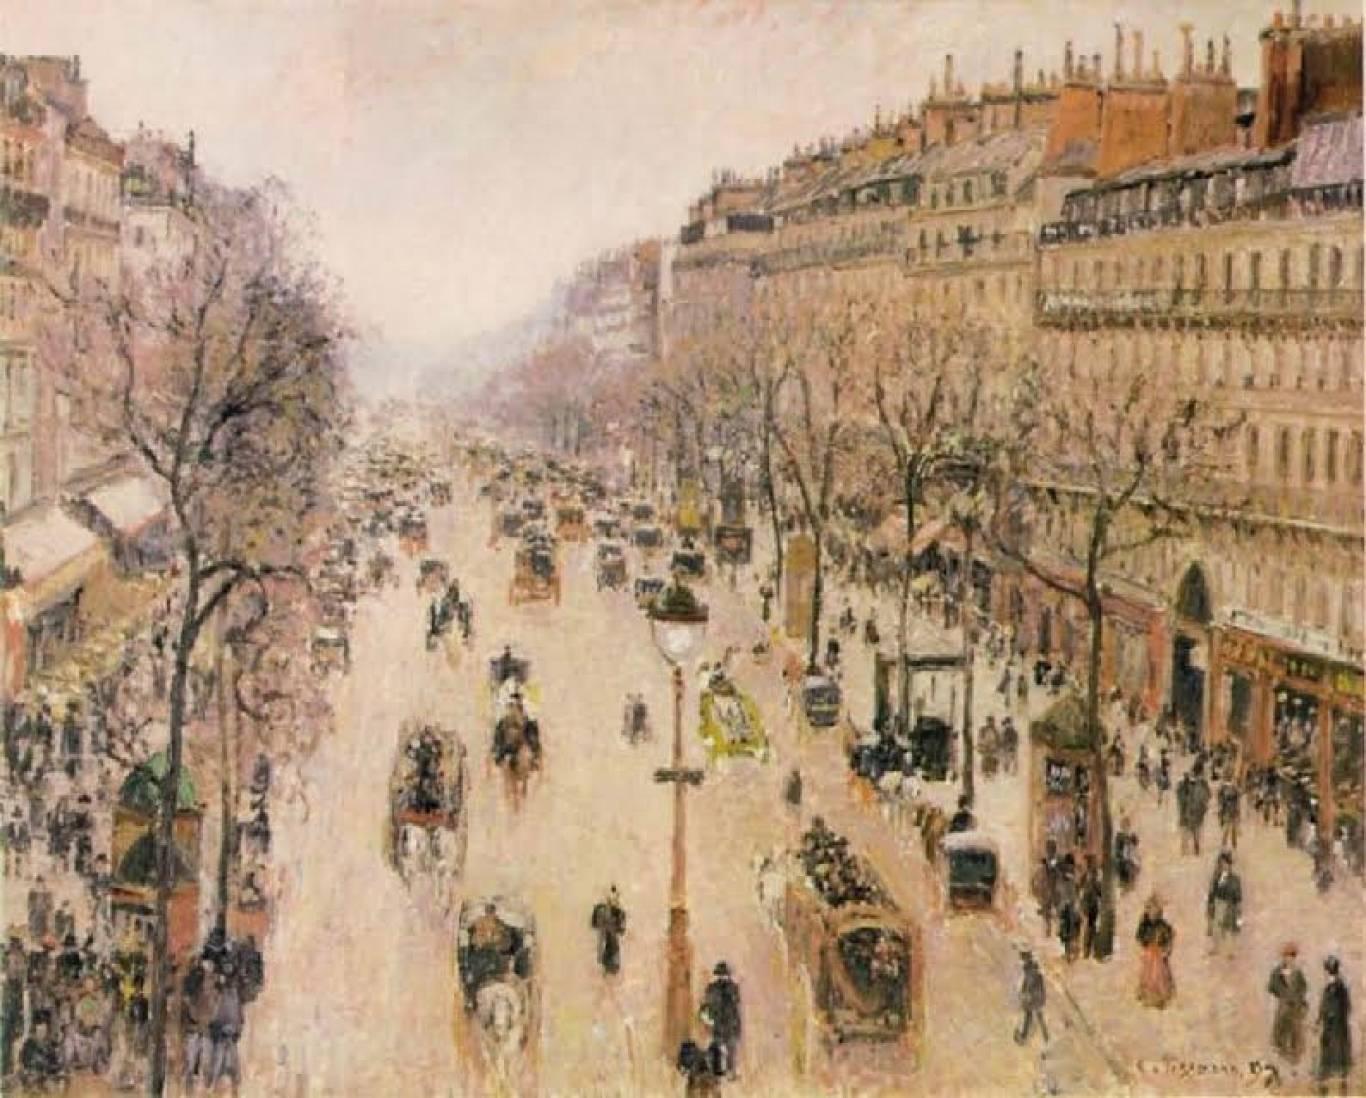 """Лекція Мауріціо Грібауді """"Париж - столиця ХІХ століття"""": урбаністичні форми та соціальні практики"""""""